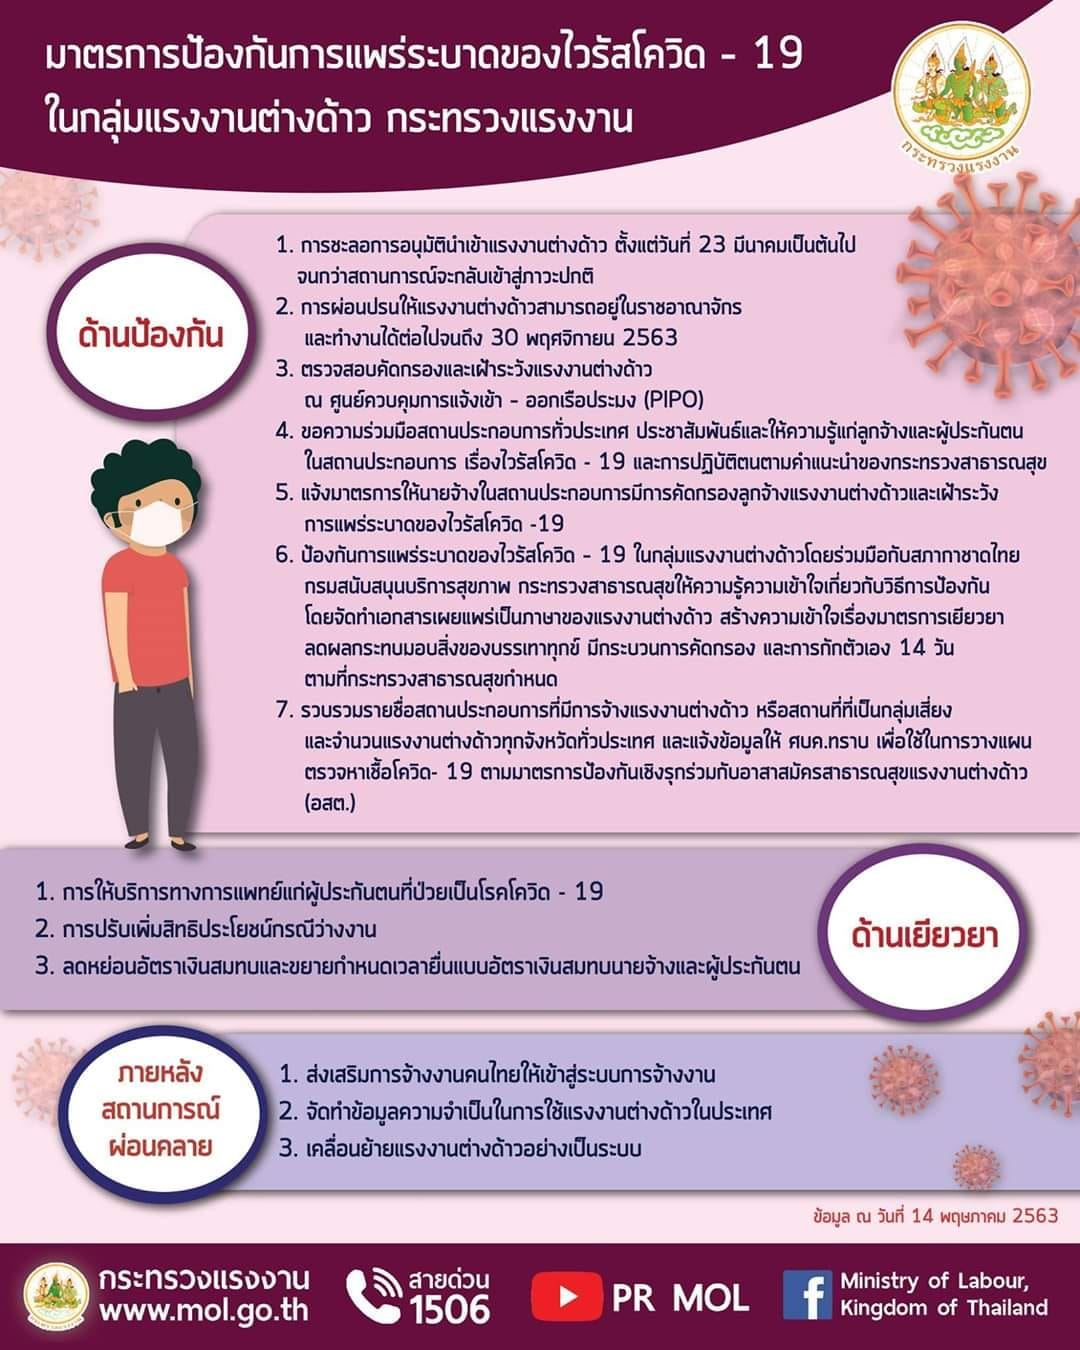 มาตรการป้องกันการแพร่ระบาดของไวรัสโควิด - 19 ในกลุ่มแรงงานต่างด้าว